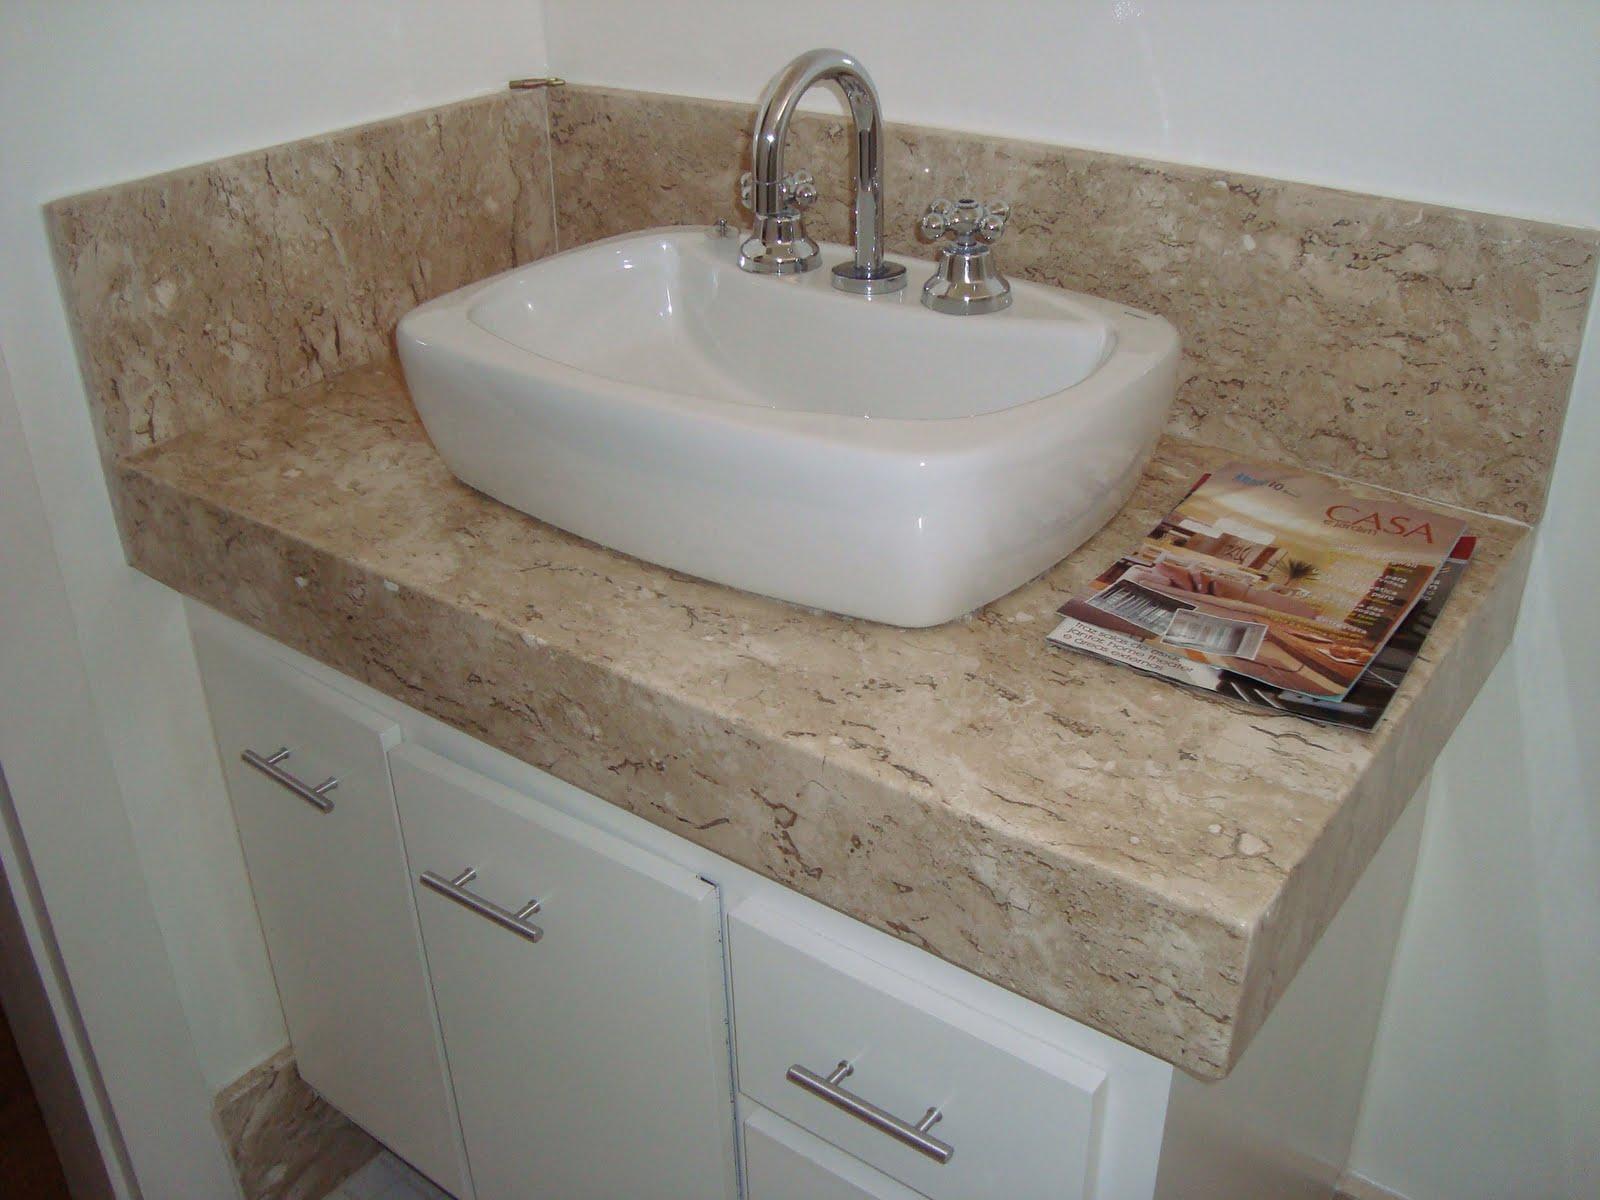 Construindo Minha Casa Clean Banheiros e Lavabos! Maravilhosos!!! -> Altura De Pia De Banheiro